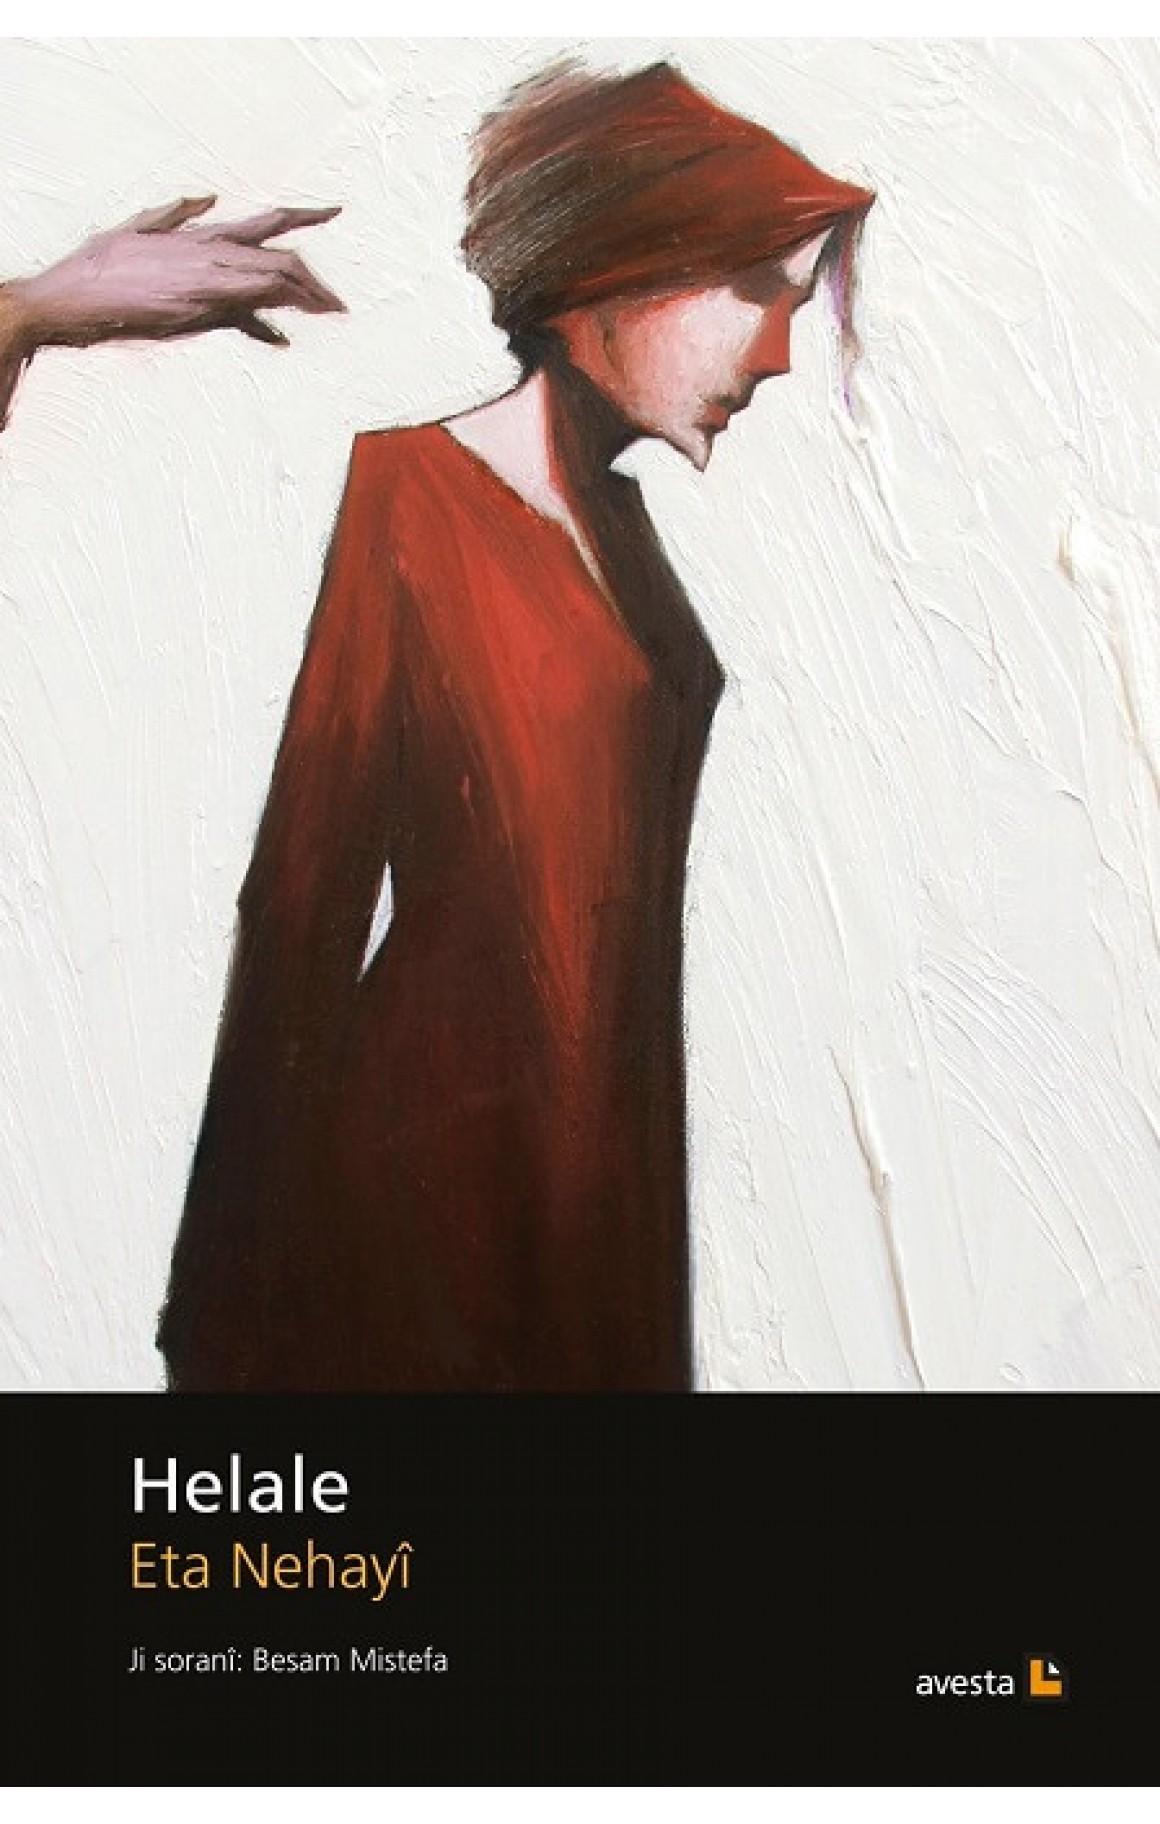 Helale